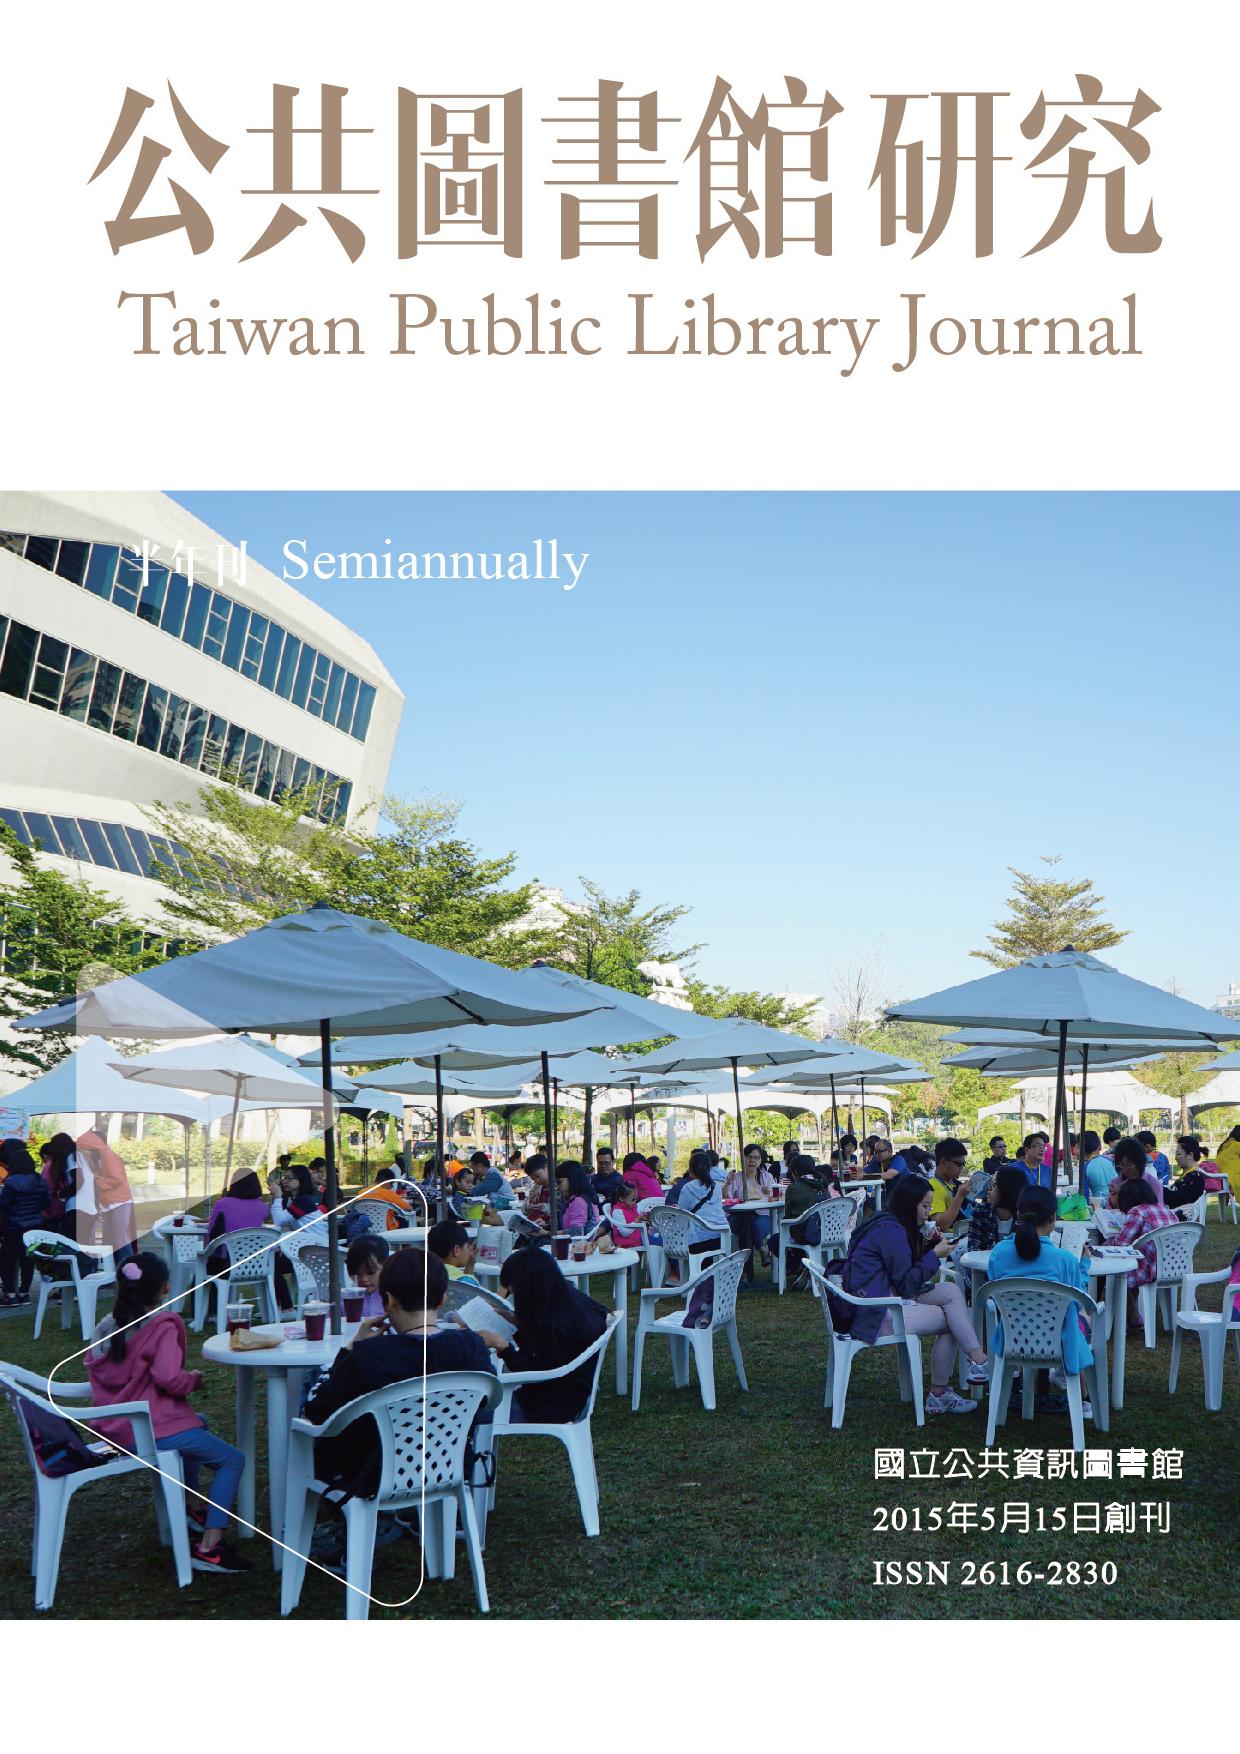 《公共圖書館研究》第10期(2019.11.15)全文